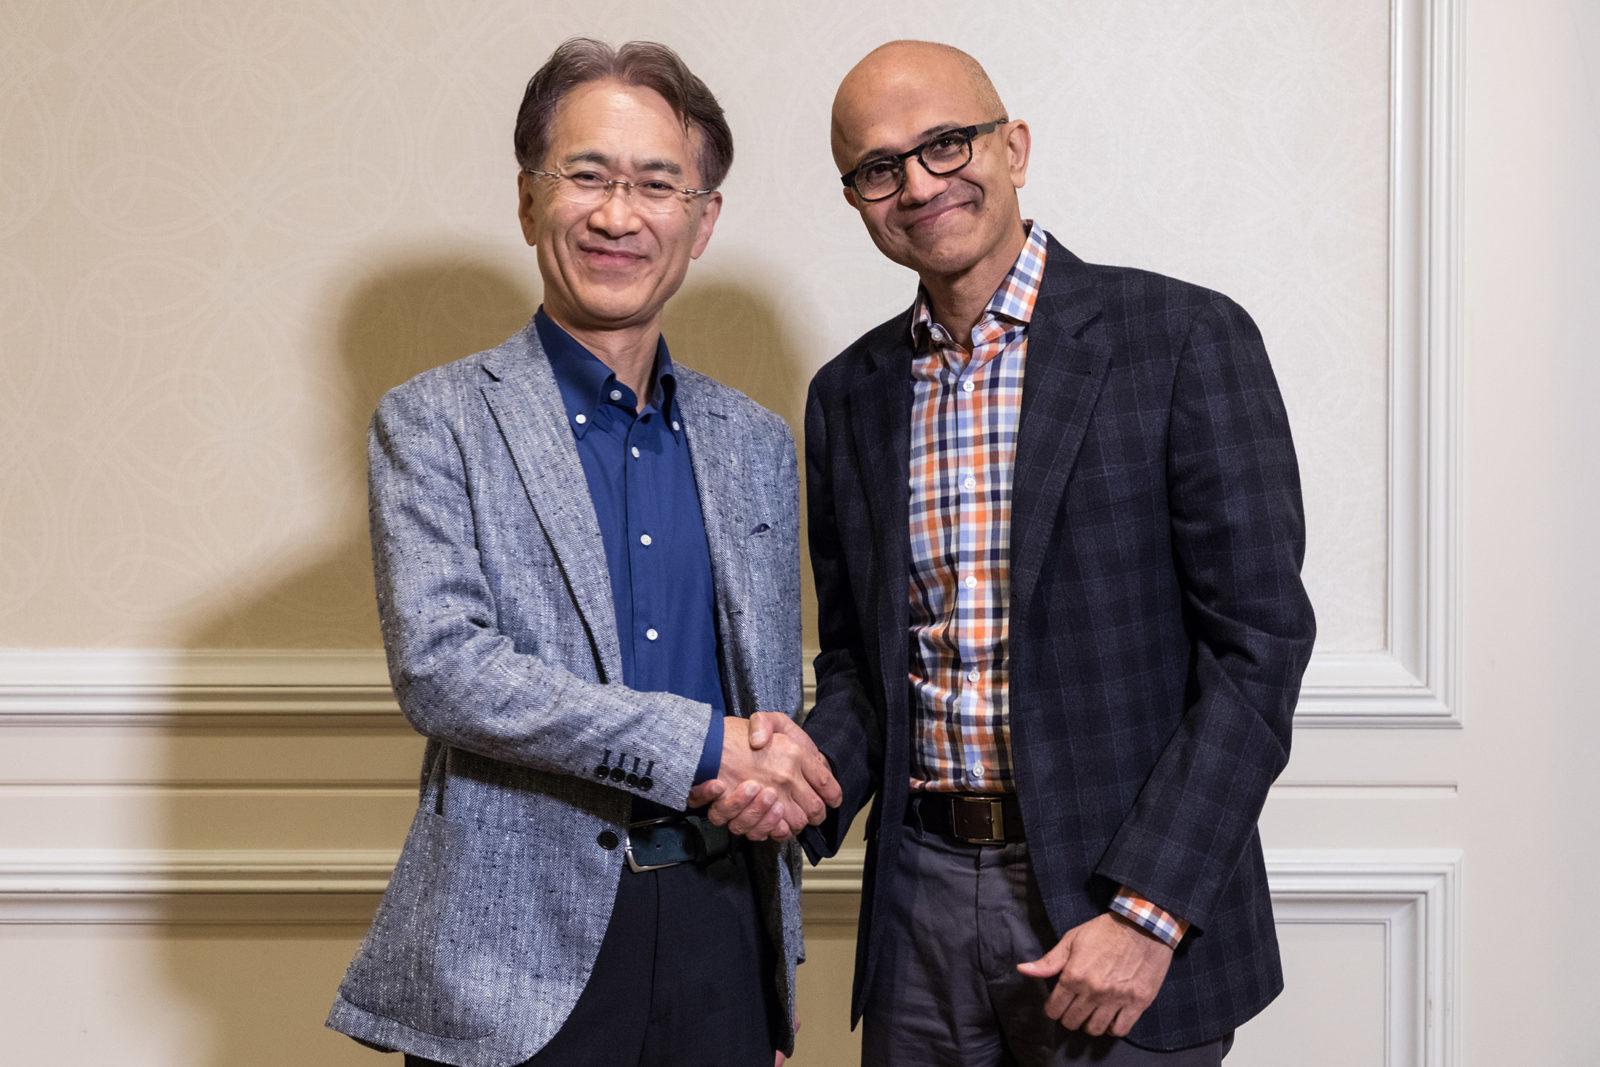 ソニーとマイクロソフト、戦略的提携に向けパートナーシップを締結